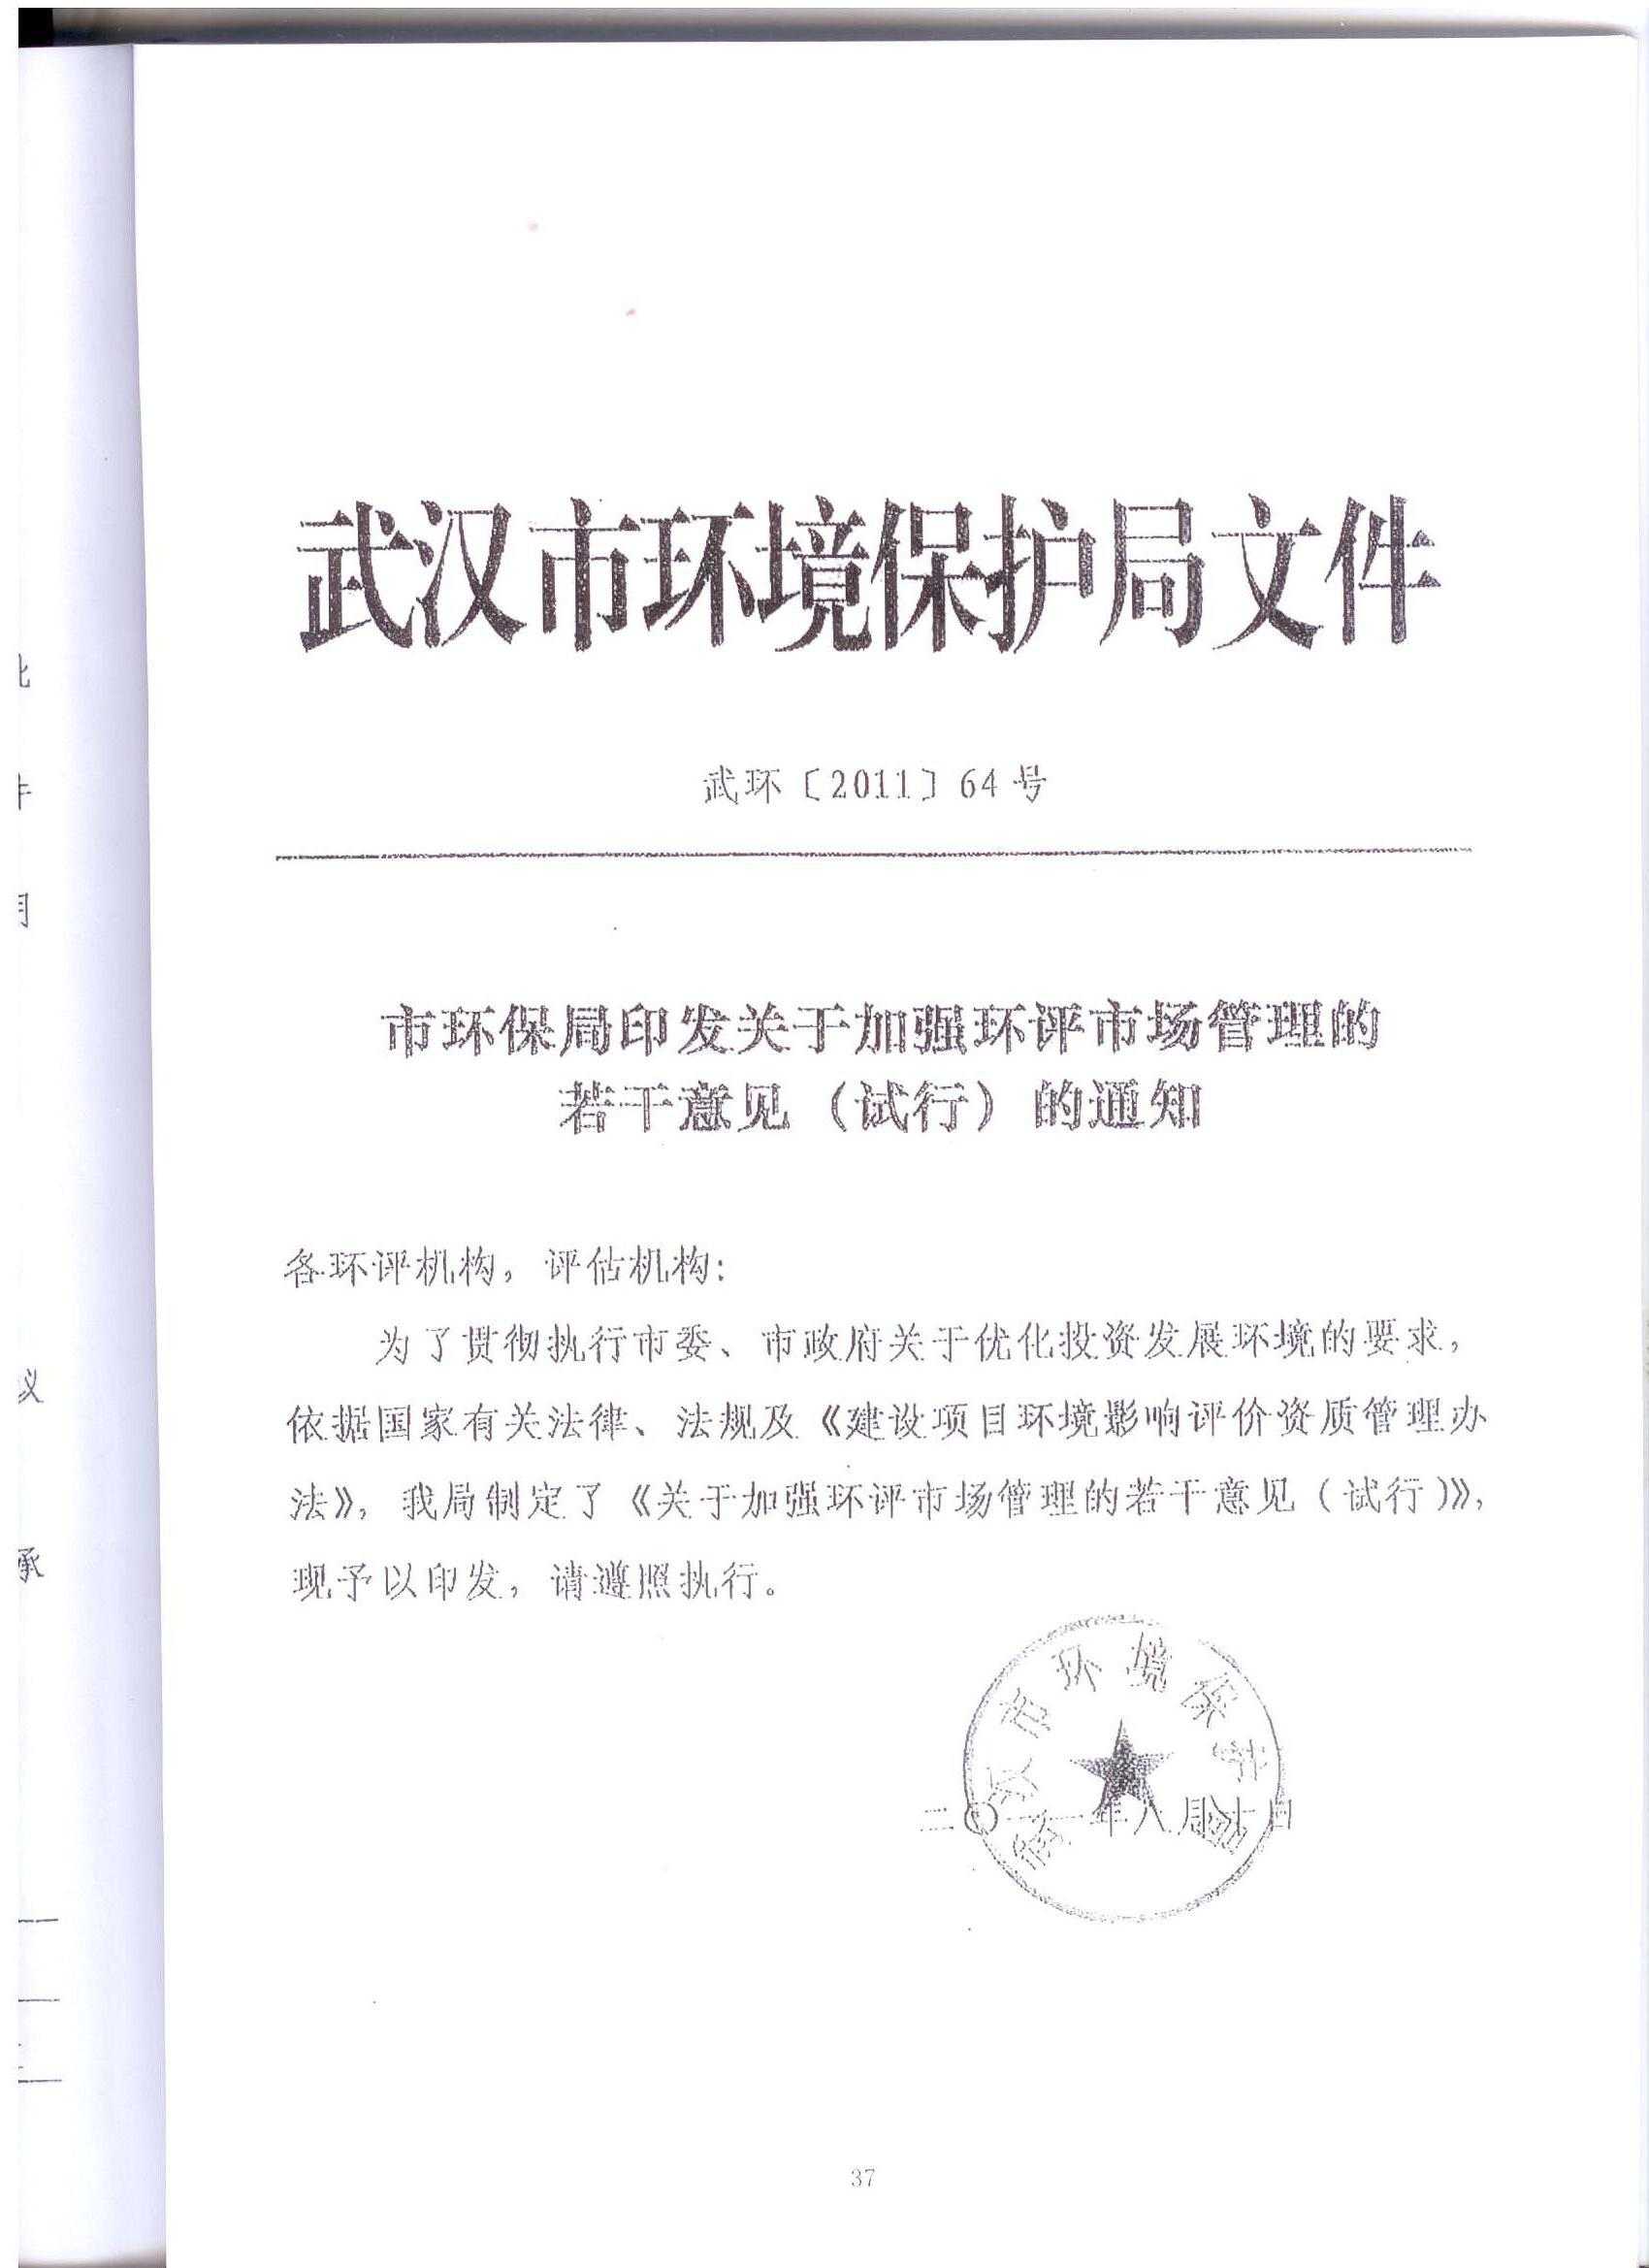 武汉市环保局印发关于加强环评市场管理的若干意见(试行)的通知